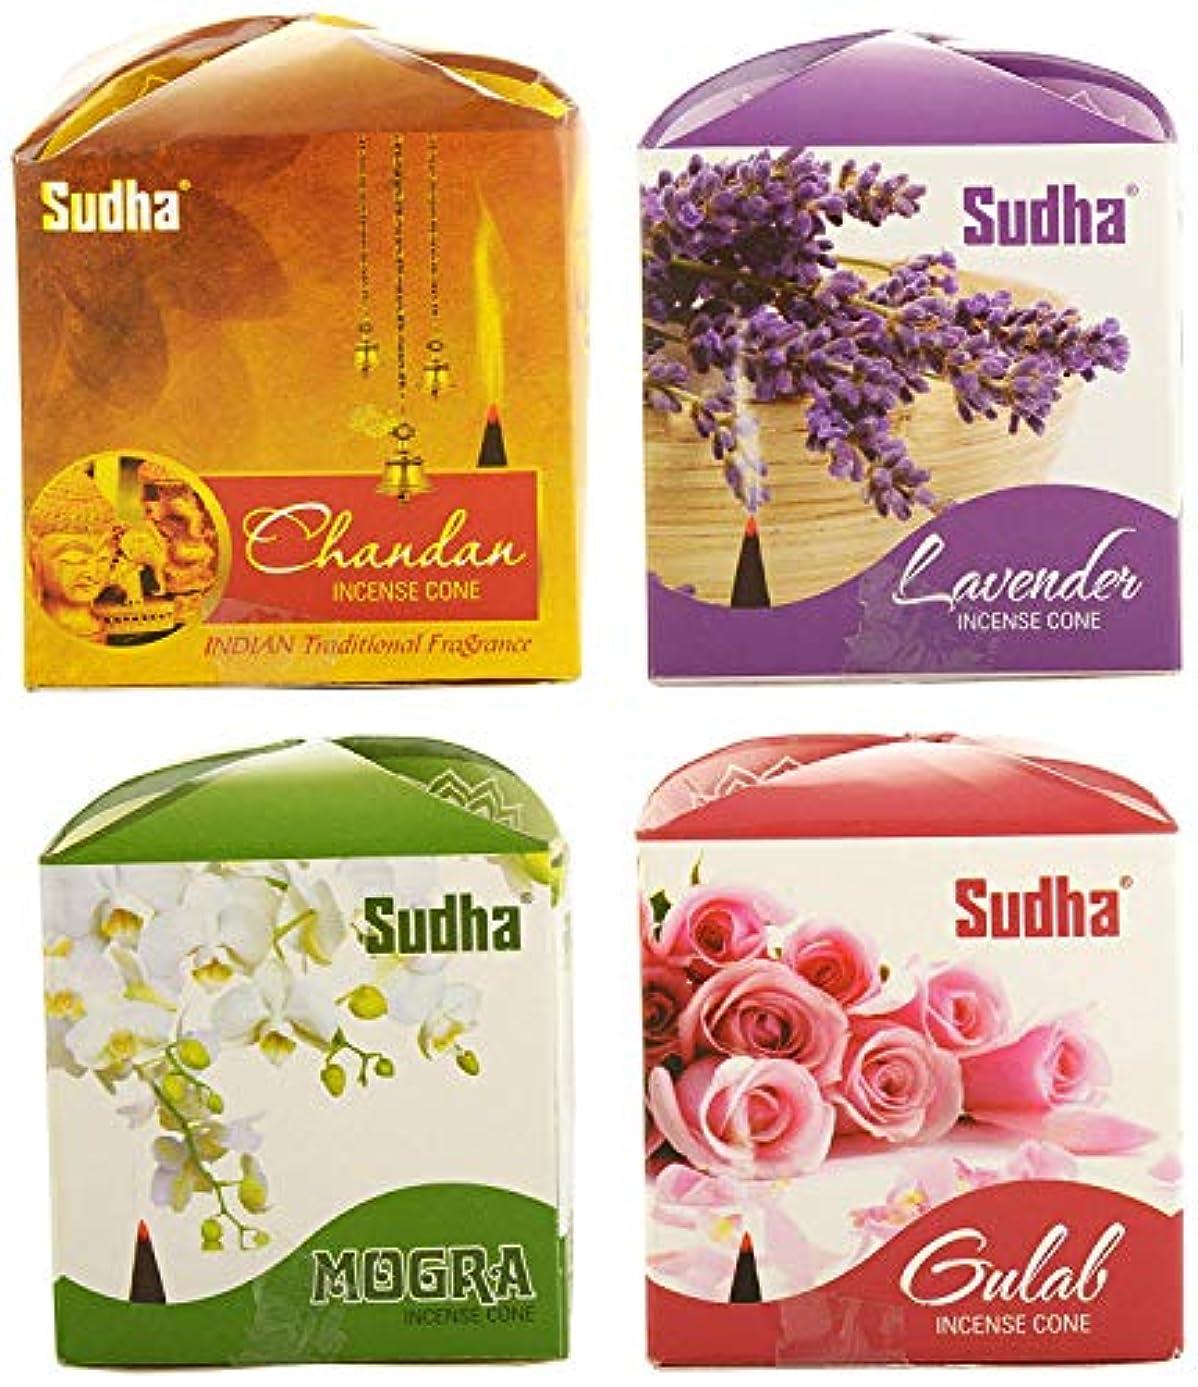 許さない突然頬骨Sudha sugandh Dhoop Cone in 4 Fragrances with 2 Packs of Each Fragrance (12 cm, 30 g, Brown) -Pack of 8